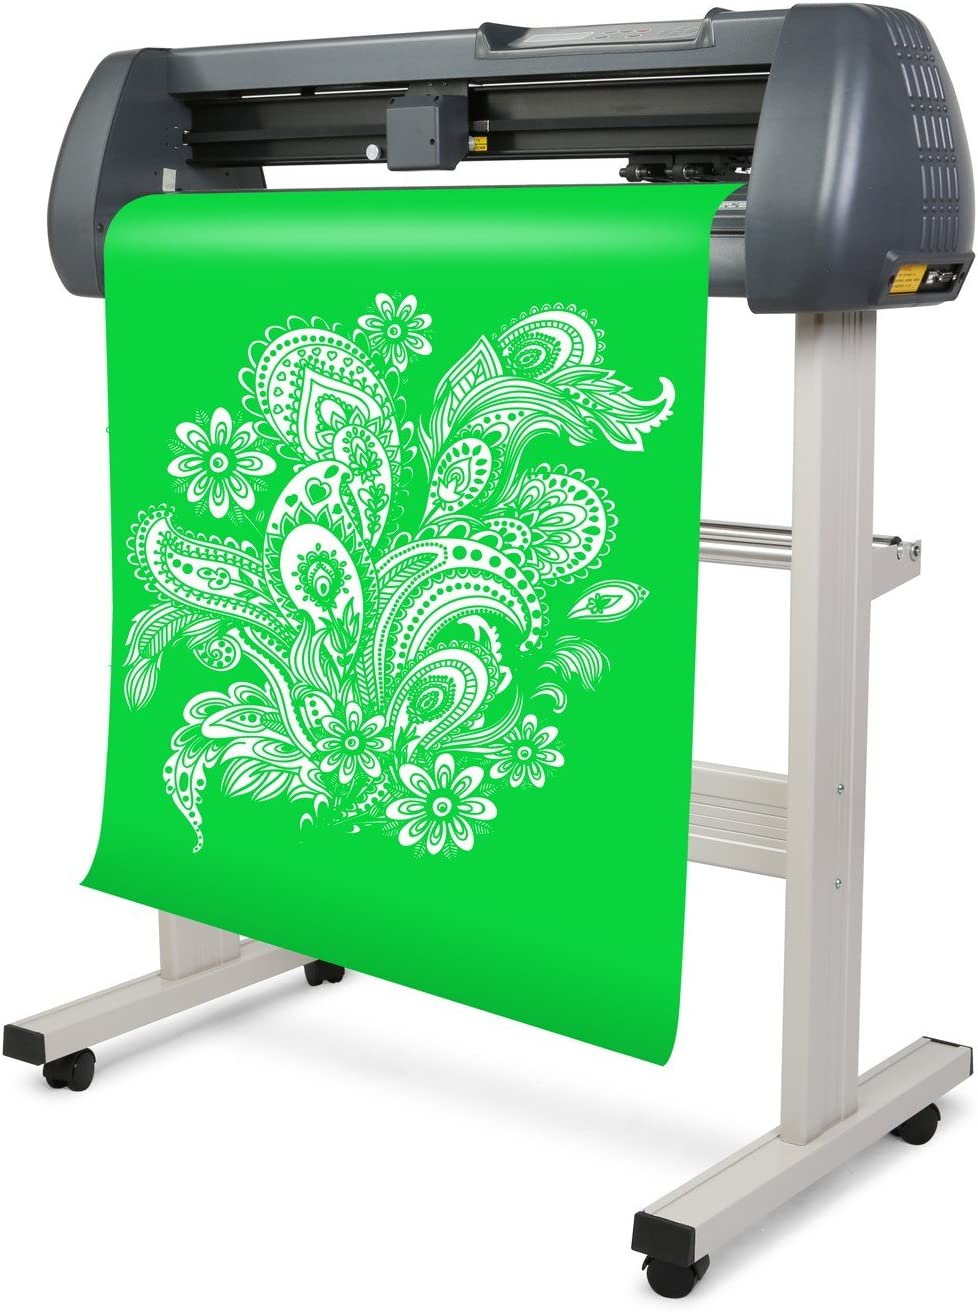 Wunicorn - Máquina cortadora de vinilo, plóter - 28inch: Amazon.es: Oficina y papelería